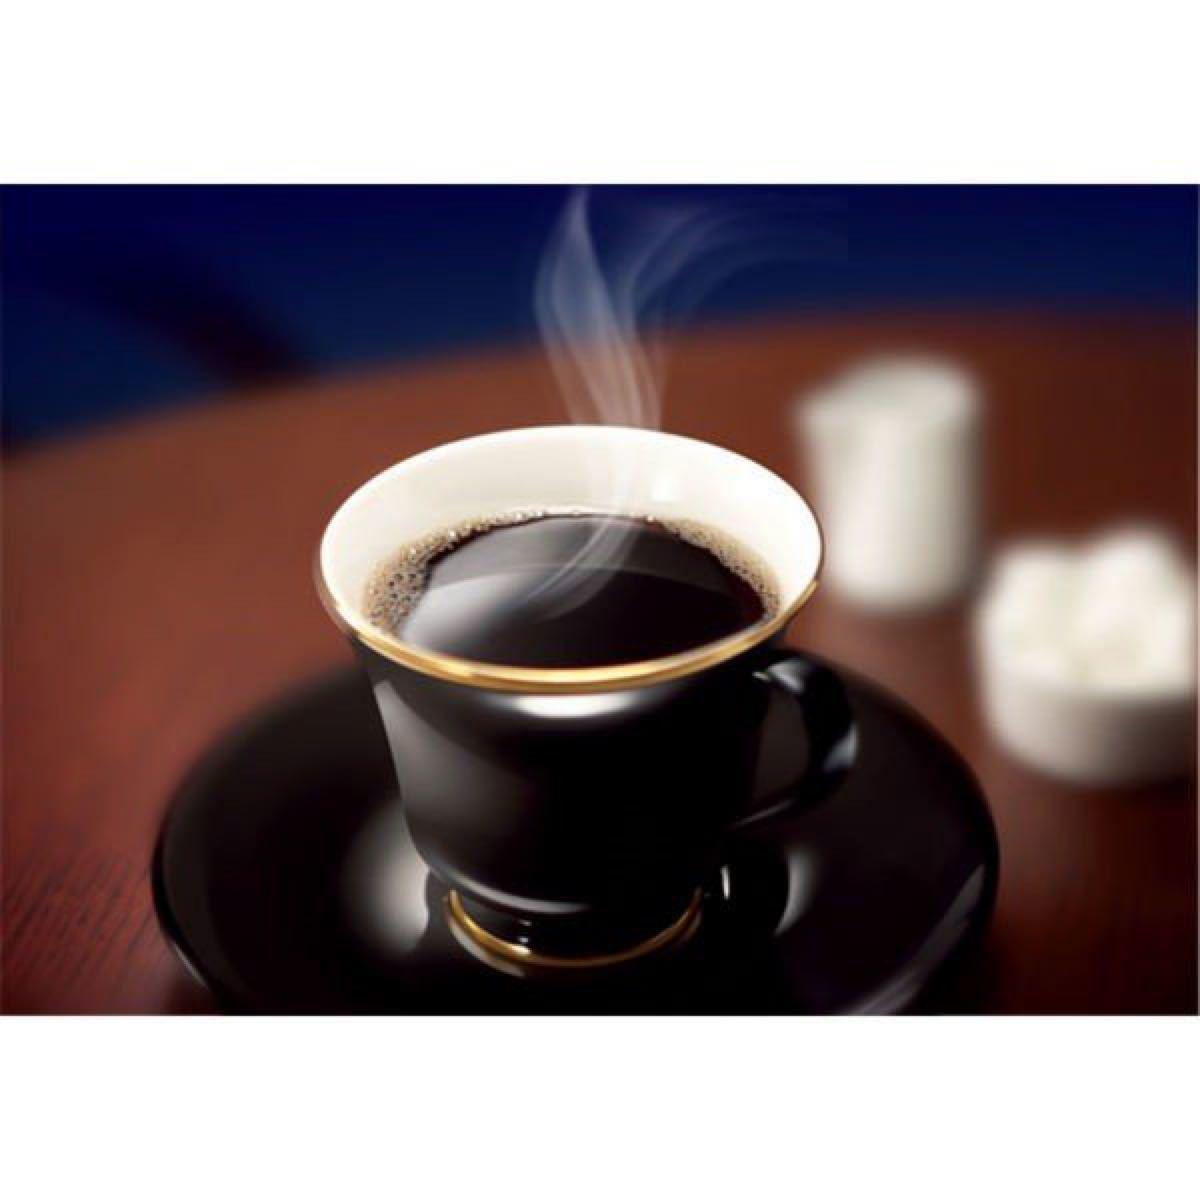 100本 AGF ちょっと贅沢な 珈琲店 コーヒー店 スペシャルブレンド スティック インスタント 珈琲 ホット アイス ブラック